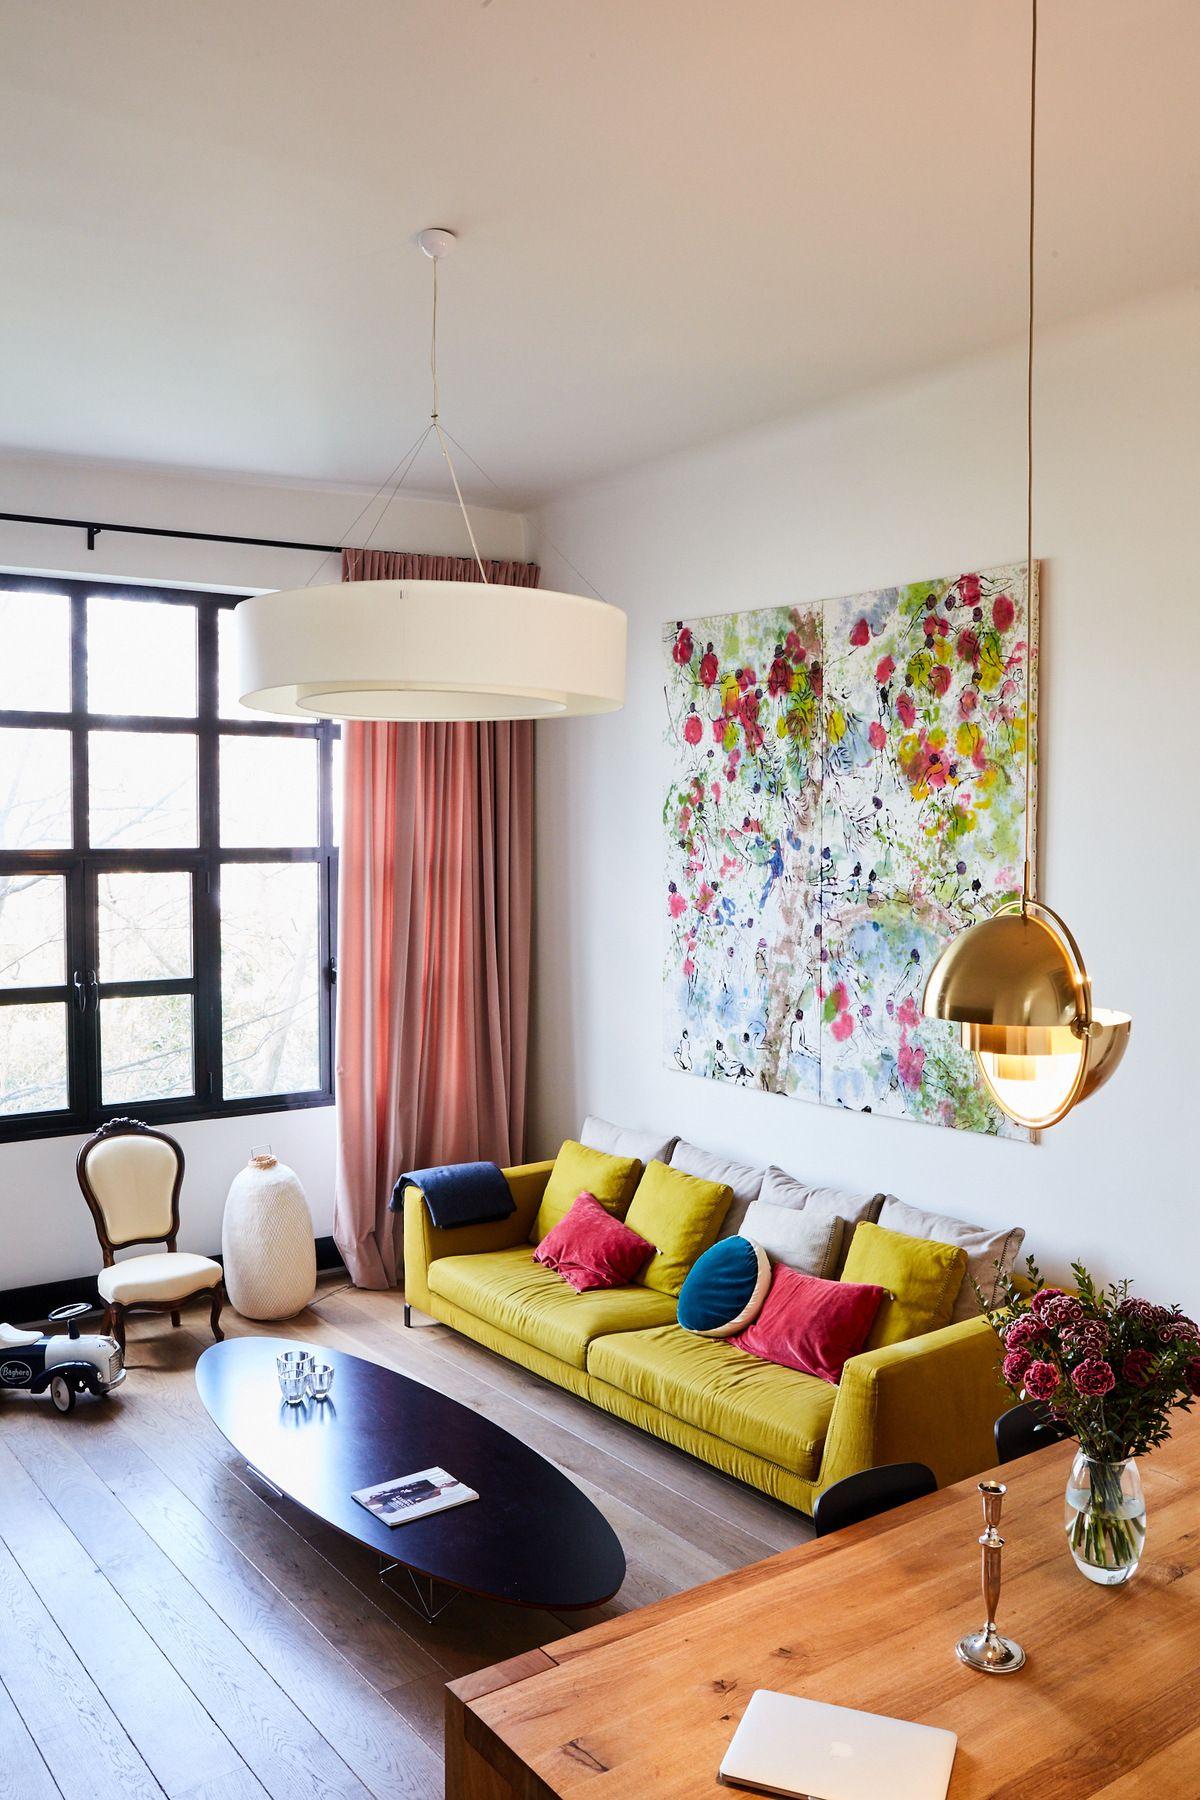 Une maison parisienne inspir e par les ann es 30 living room maison parisienne papier peint - Maison parisienne ...